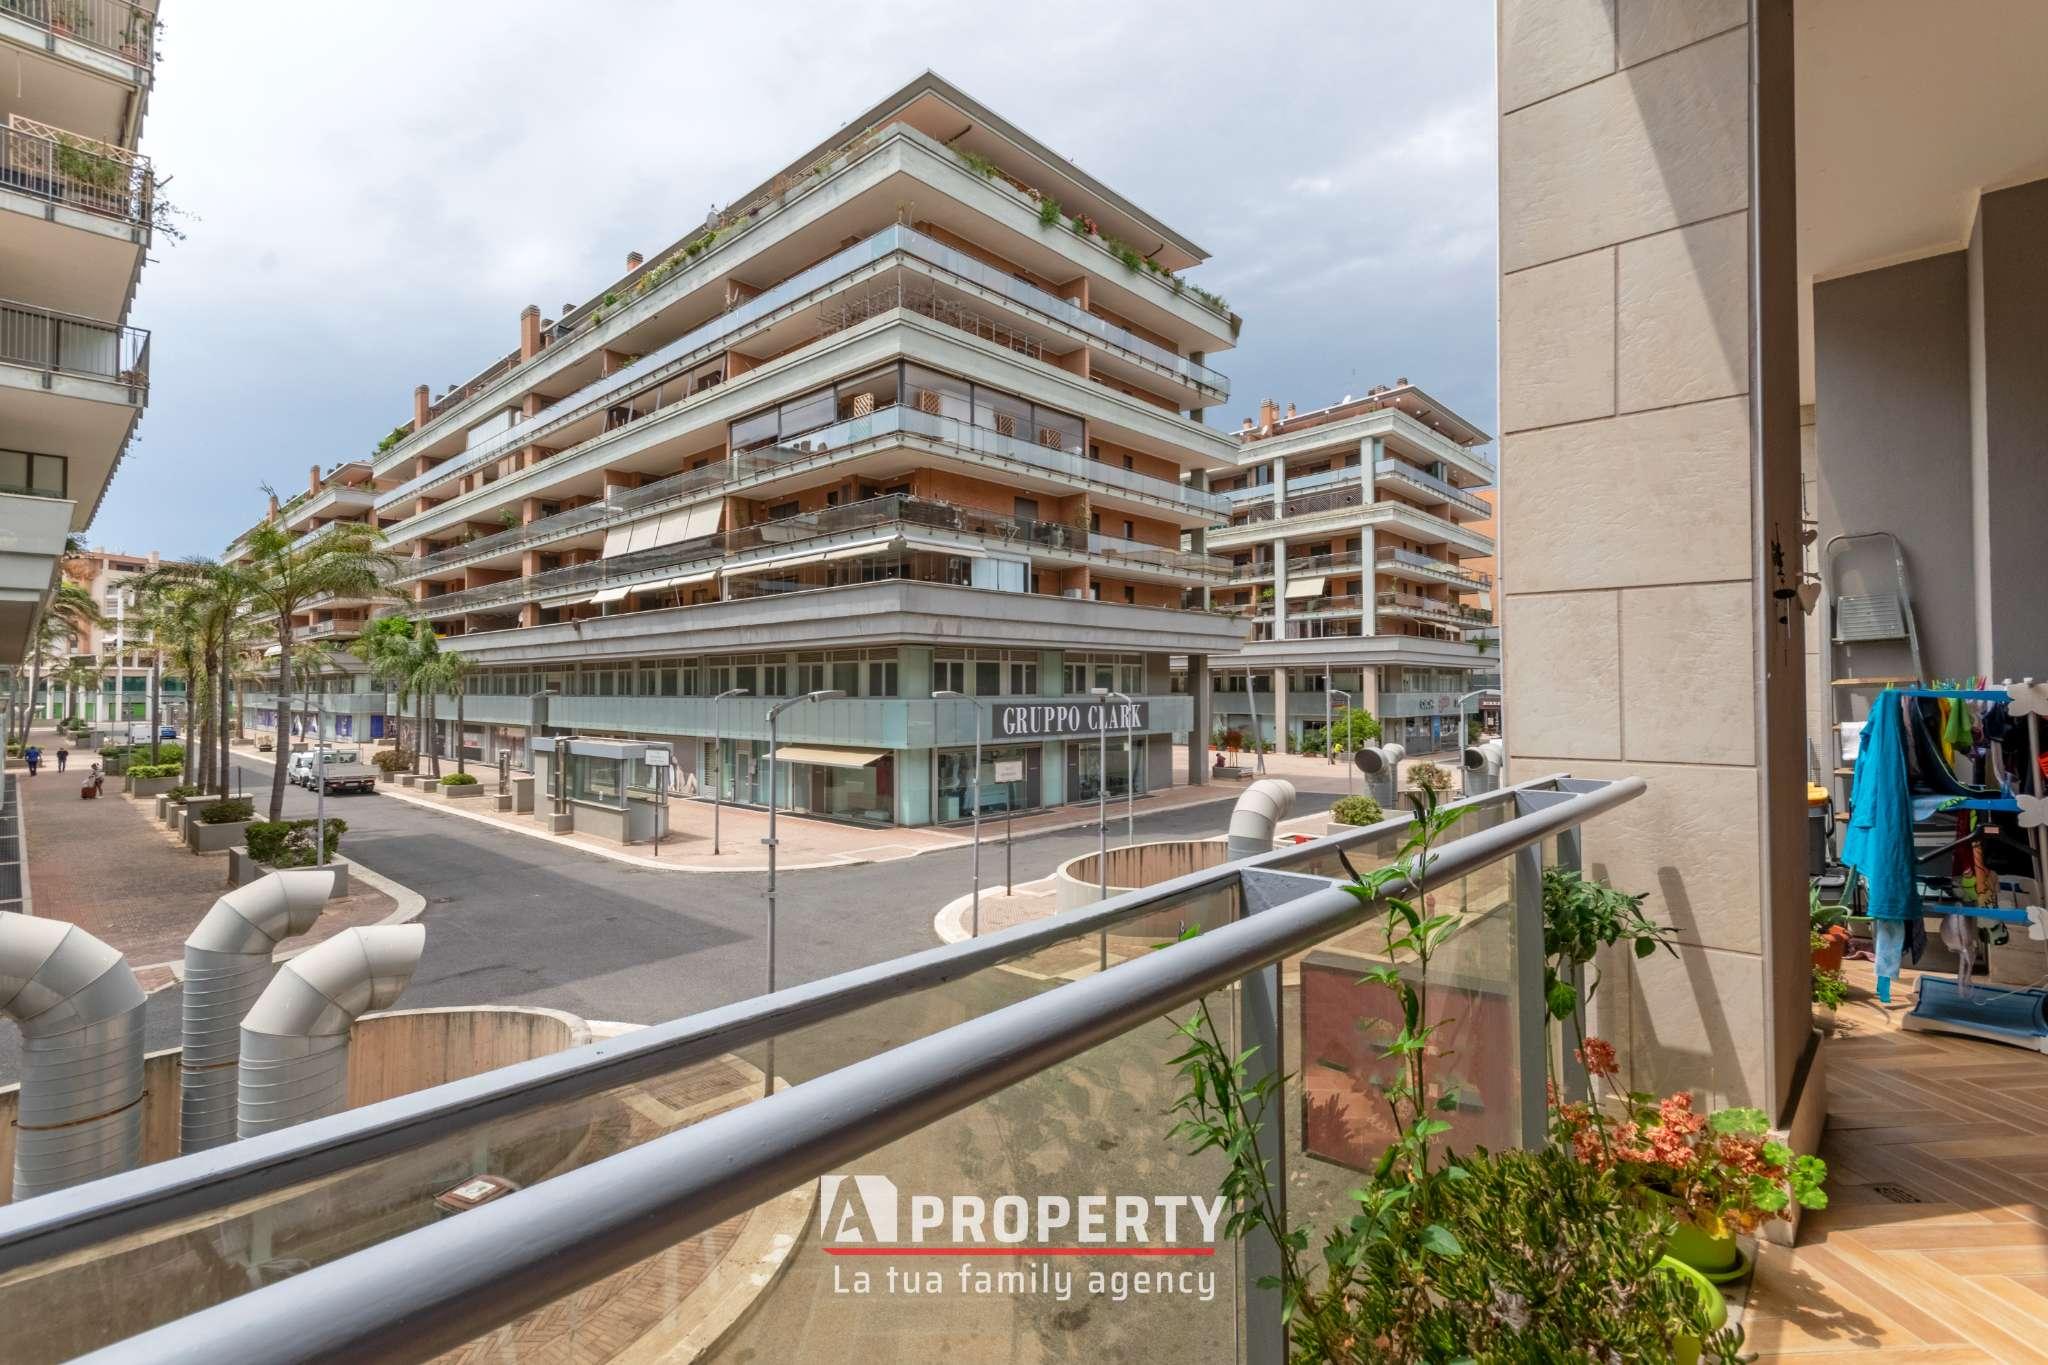 Appartamento in vendita a Fiumicino, 2 locali, prezzo € 175.000   PortaleAgenzieImmobiliari.it